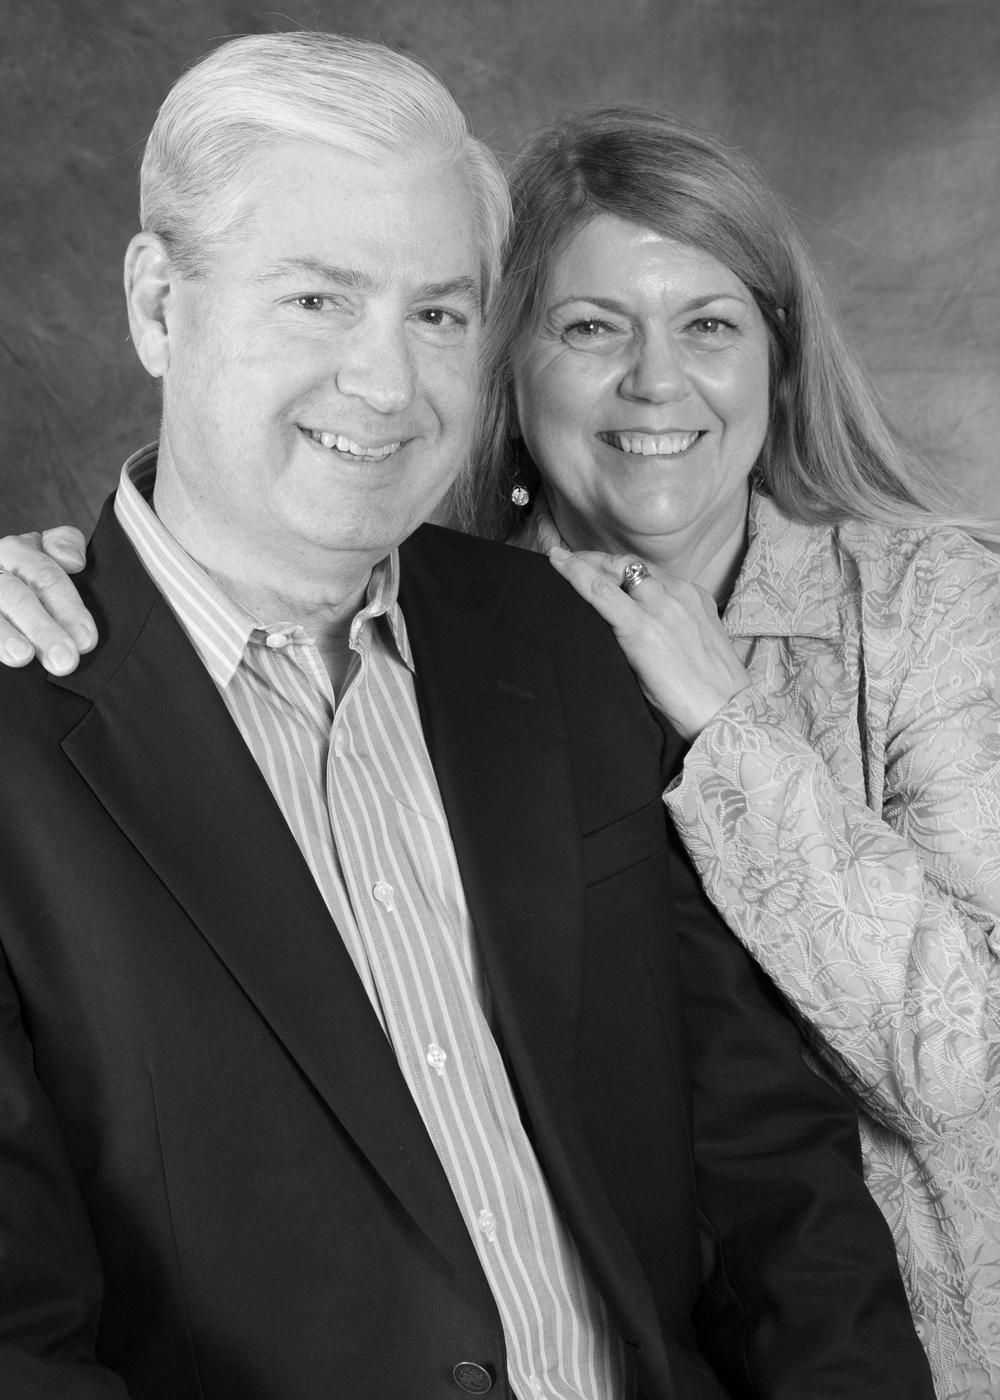 Brian & Debbie Dunham